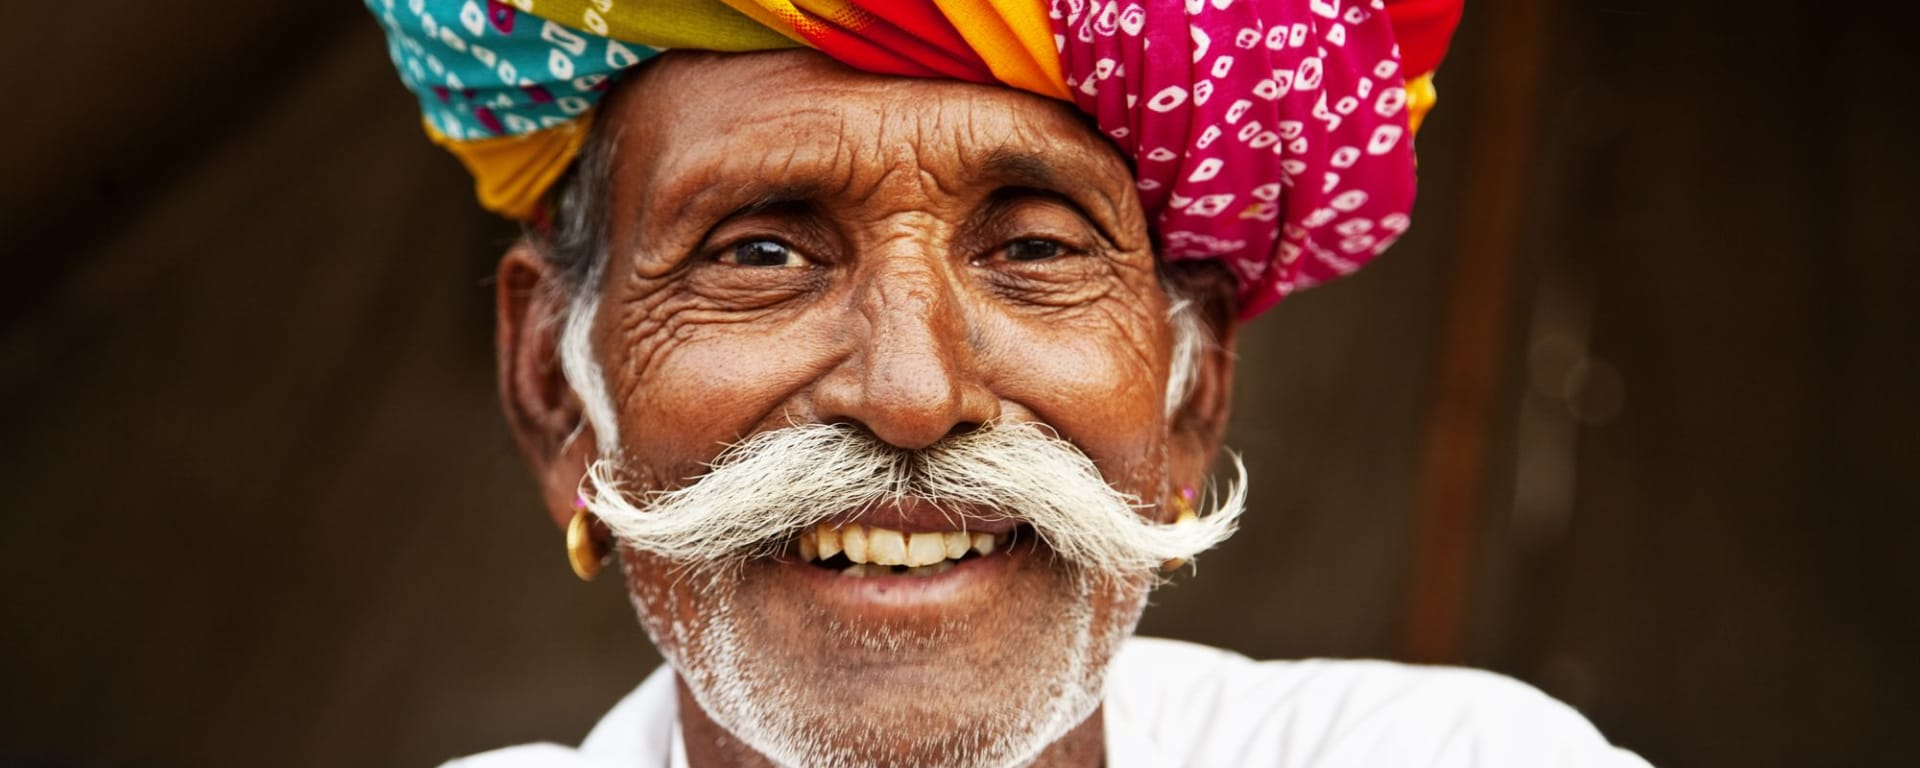 Tout savoir sur les voyages et les vacances en Inde: Pushkar senior man